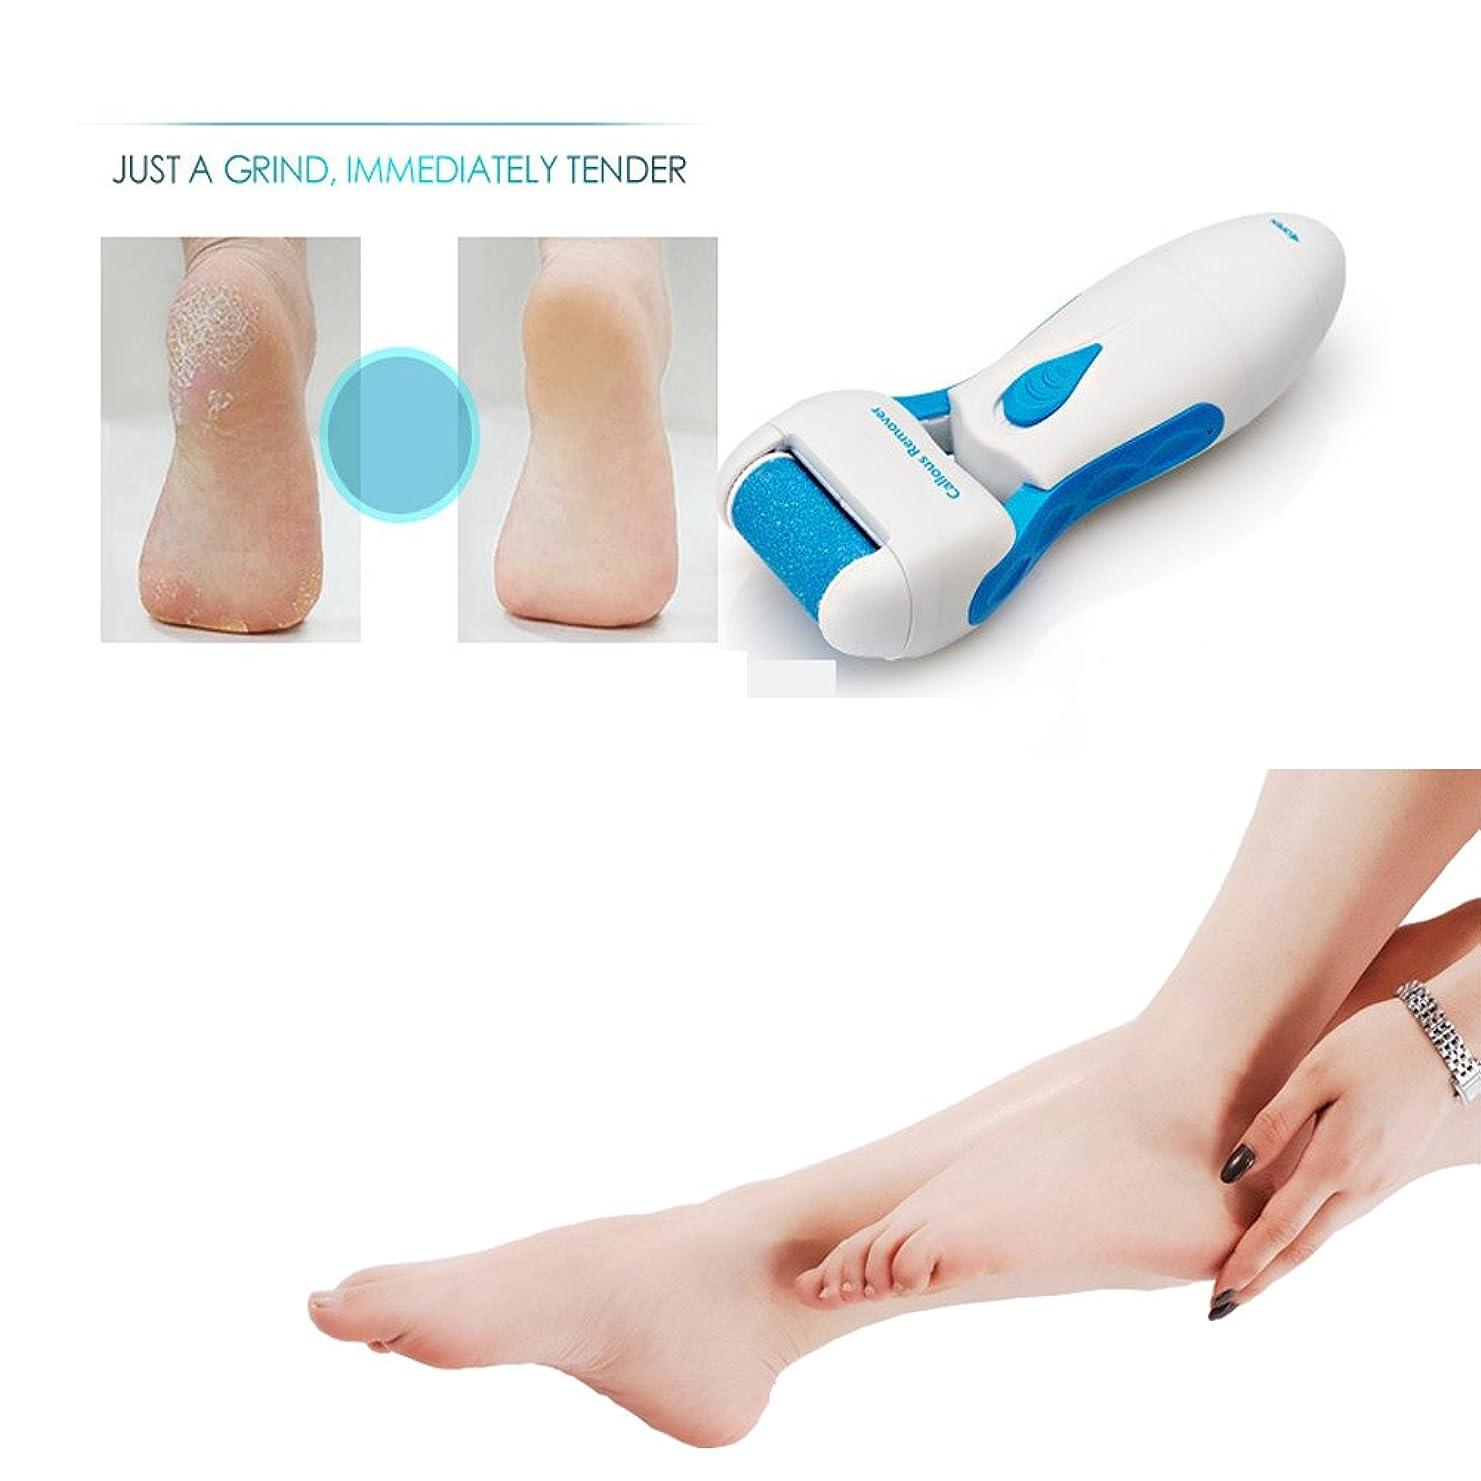 実験をするビリーヤギ気取らないElectric Callus Remover, Waterproof Foot File Pedicure Tool to Remove Dead, Hard, Cracked Skin and Reduce Calluses on Feet in Seconds, Cleaning Brush and Replacement Roller Included (Blue)